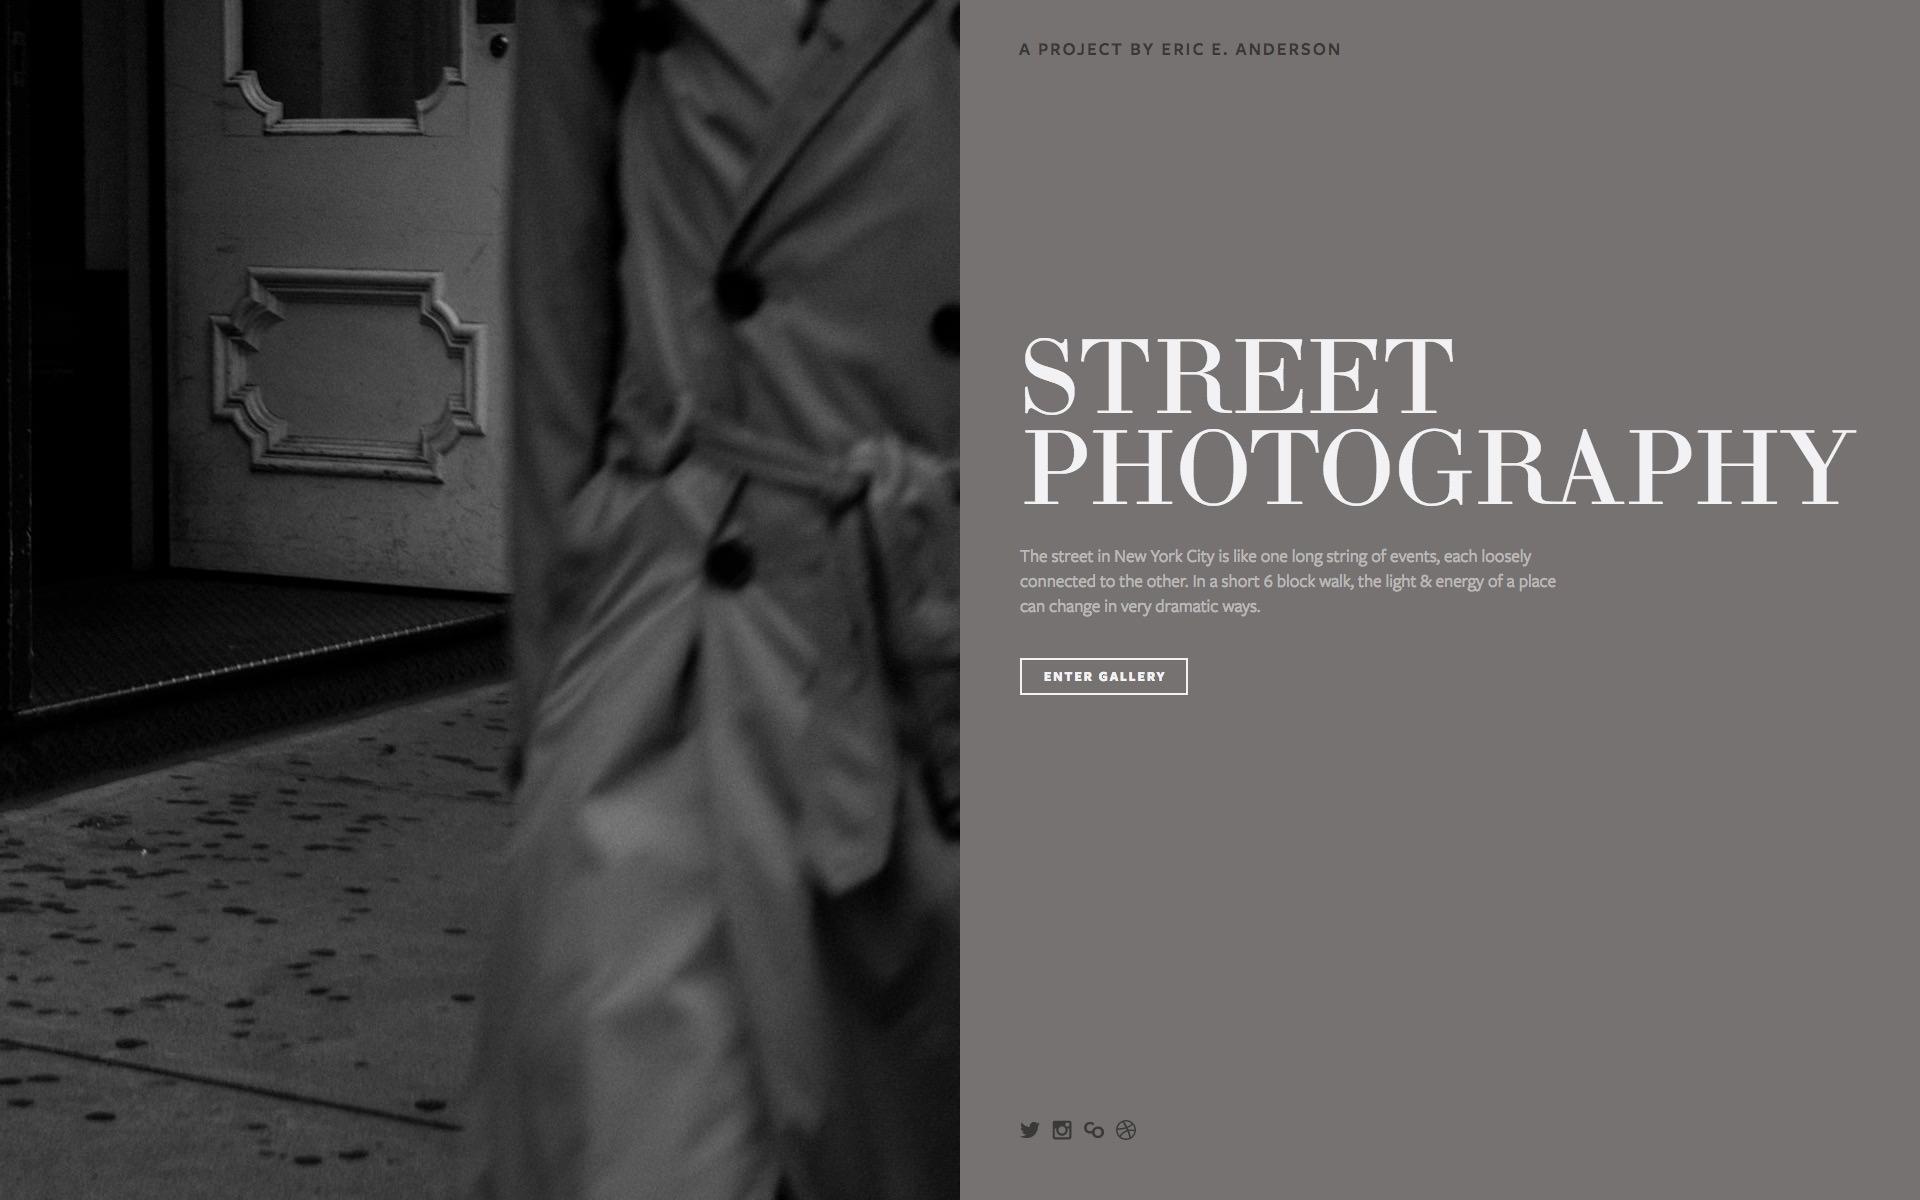 esquareda.com/project-street-photography